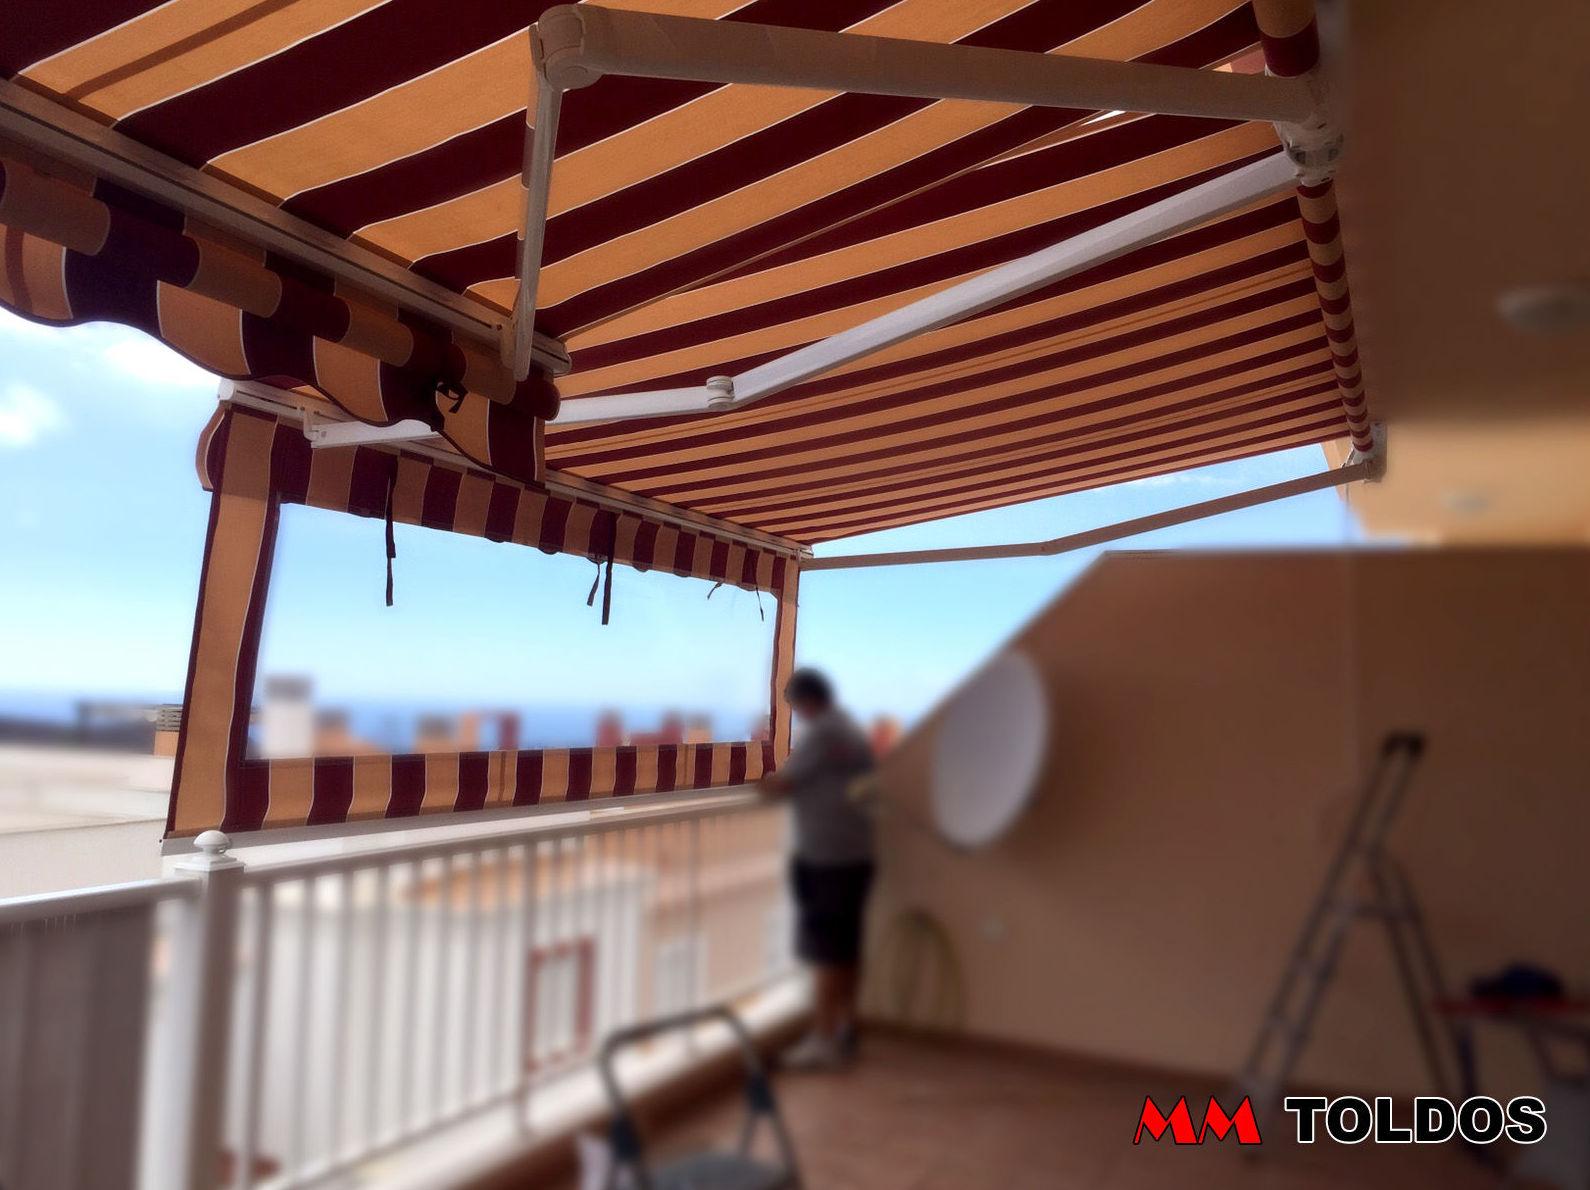 Foto 9 de Toldos y pérgolas en Arona | MM Toldos